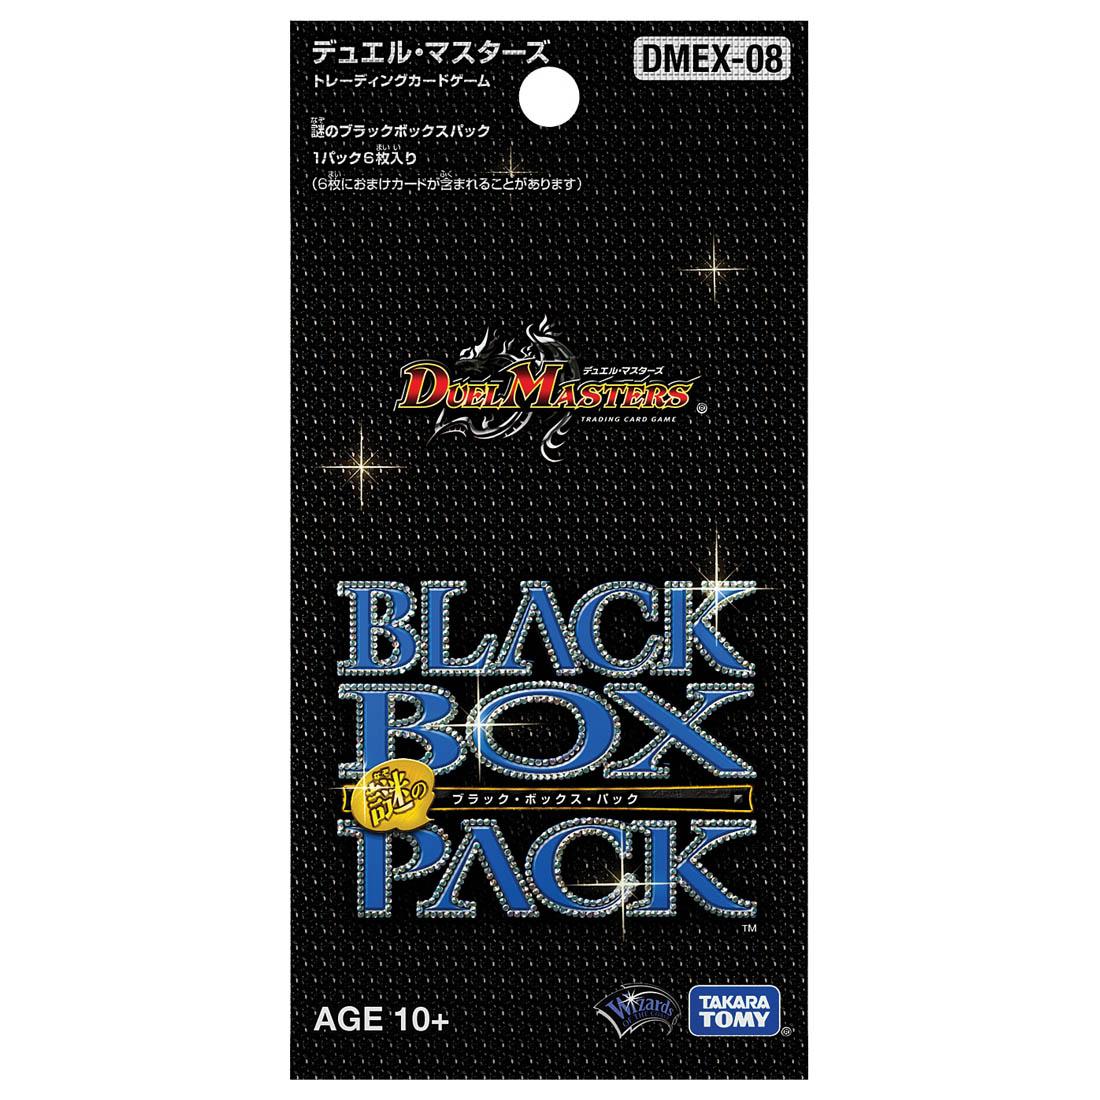 デュエル・マスターズTCG『DMEX-08 謎のブラックボックスパック DP-BOX』トレカ-002